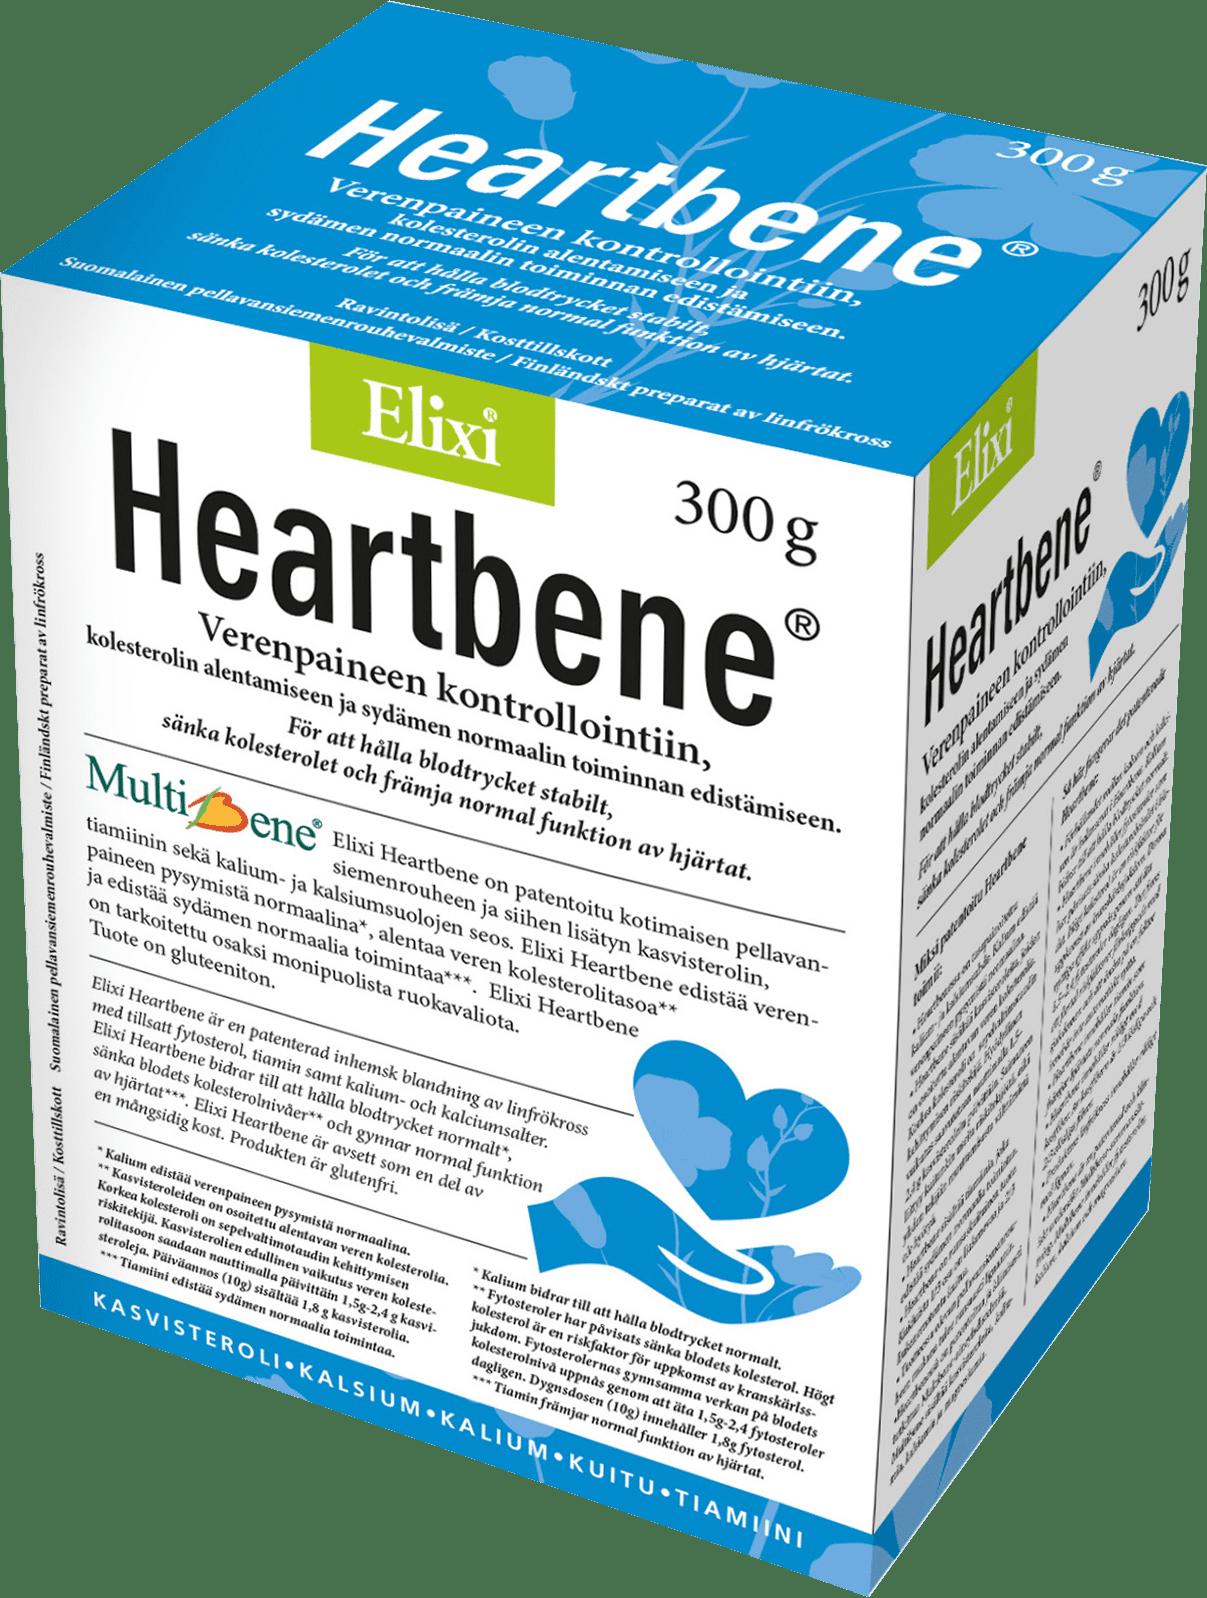 Elixi Heartbene verenpaineen kontrollointiin